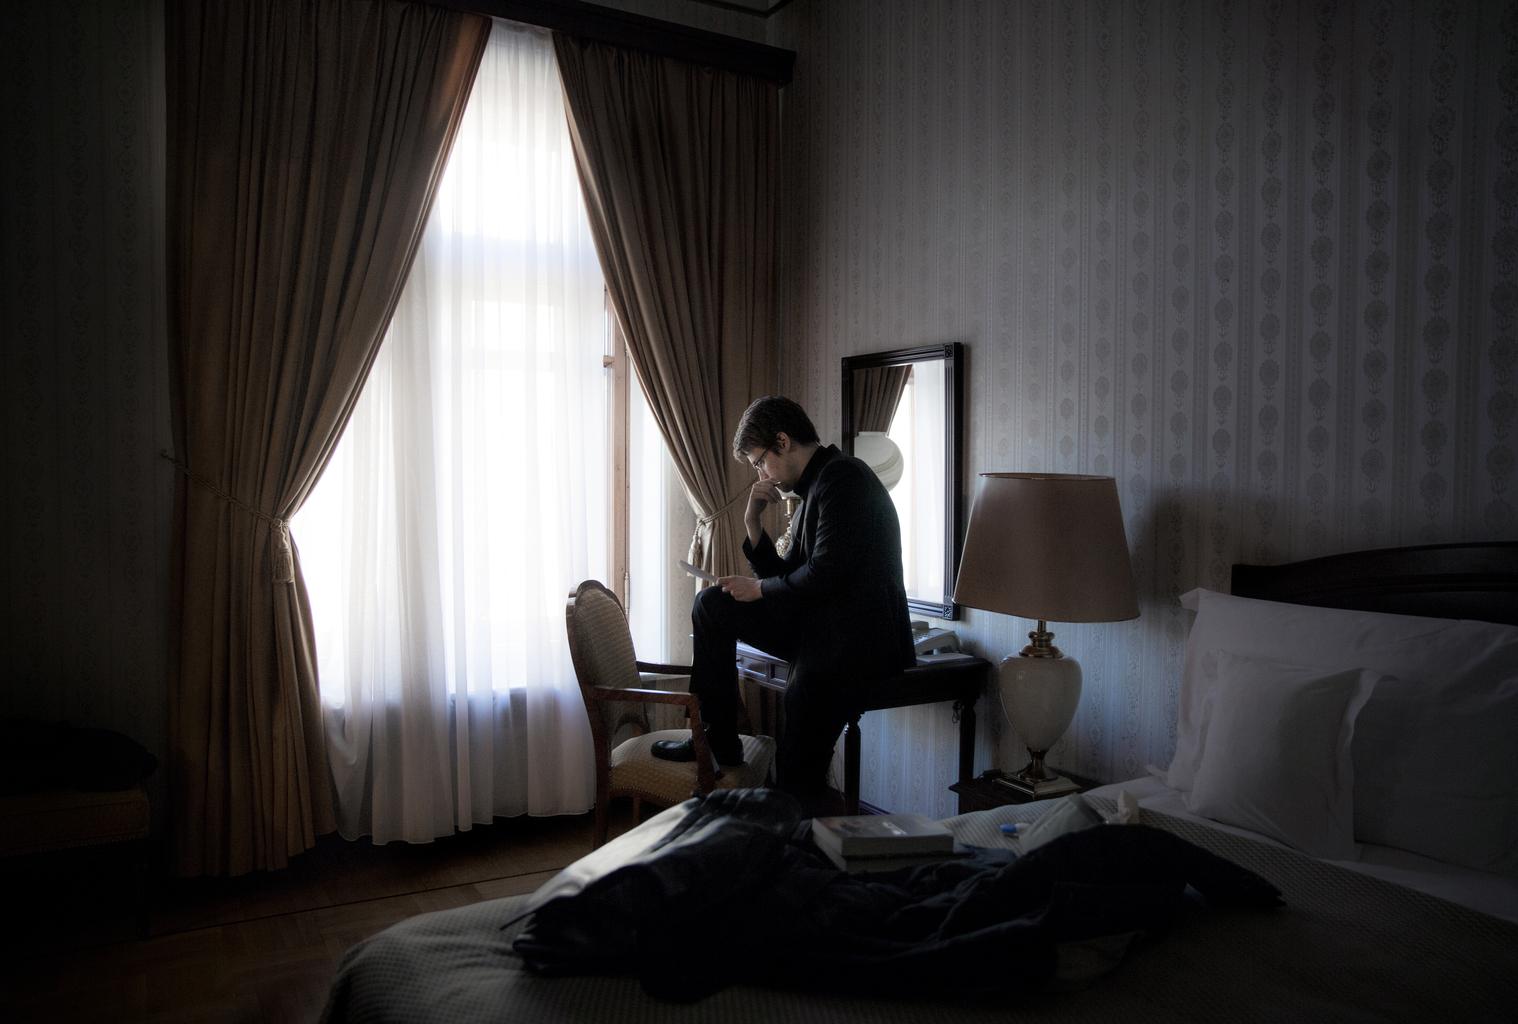 Edward Snowden 2015. október 21-én Moszkvában, a svéd Dagens Nyheter újsággal készített interjú során Fotó:EUROPRESS/Lotta Gardelin/Dagens Nyheter/AFP #moskvater